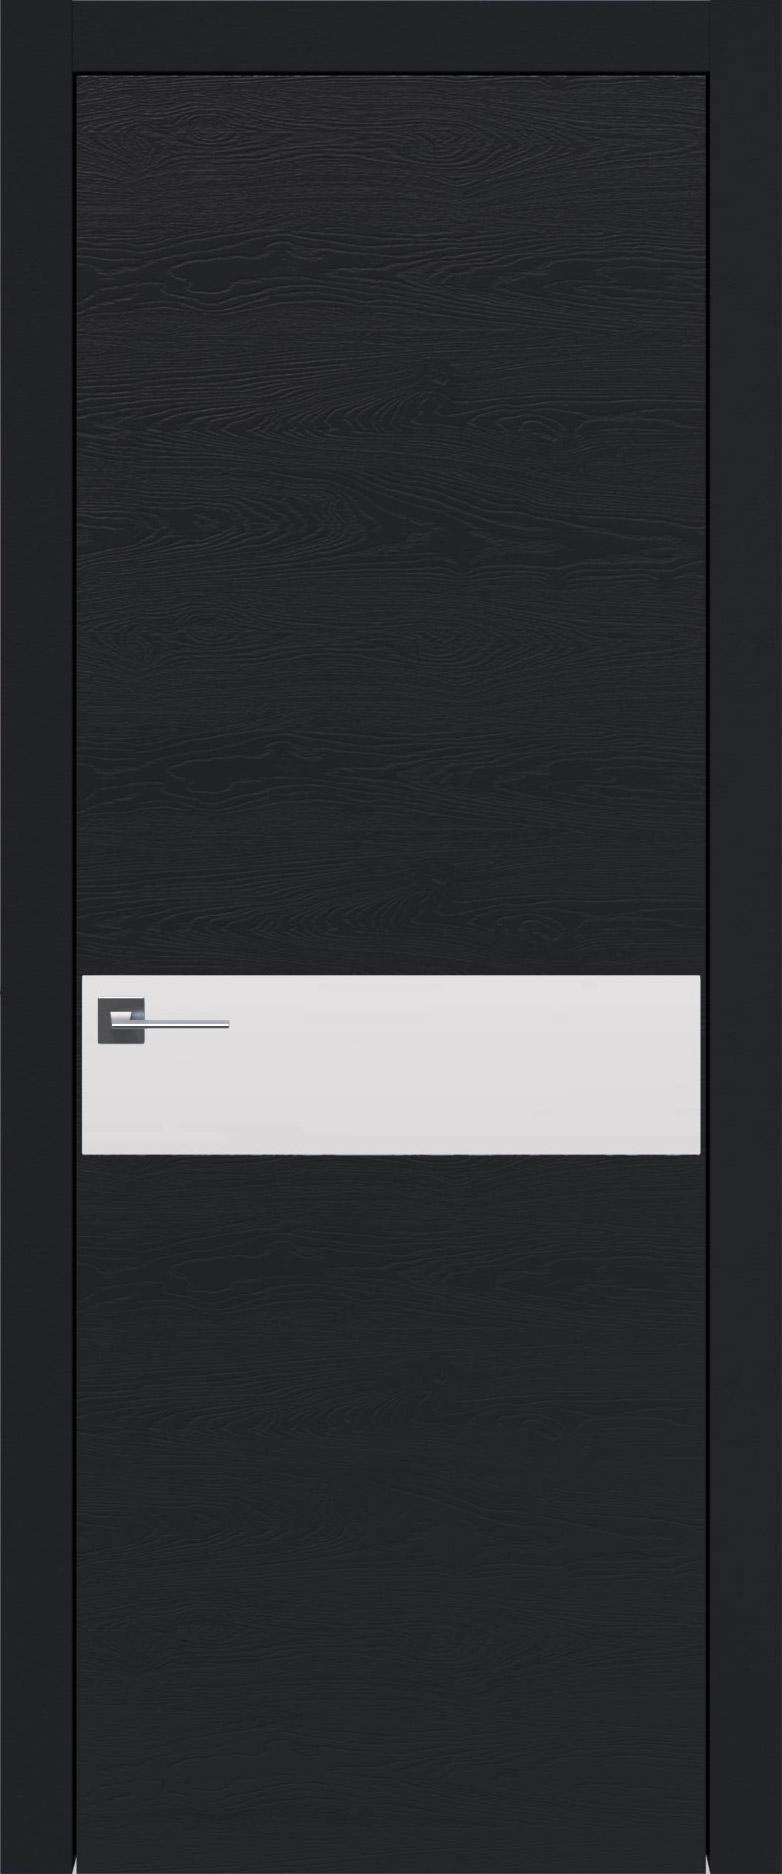 Tivoli И-4 цвет - Черная эмаль по шпону (RAL 9004) Без стекла (ДГ)